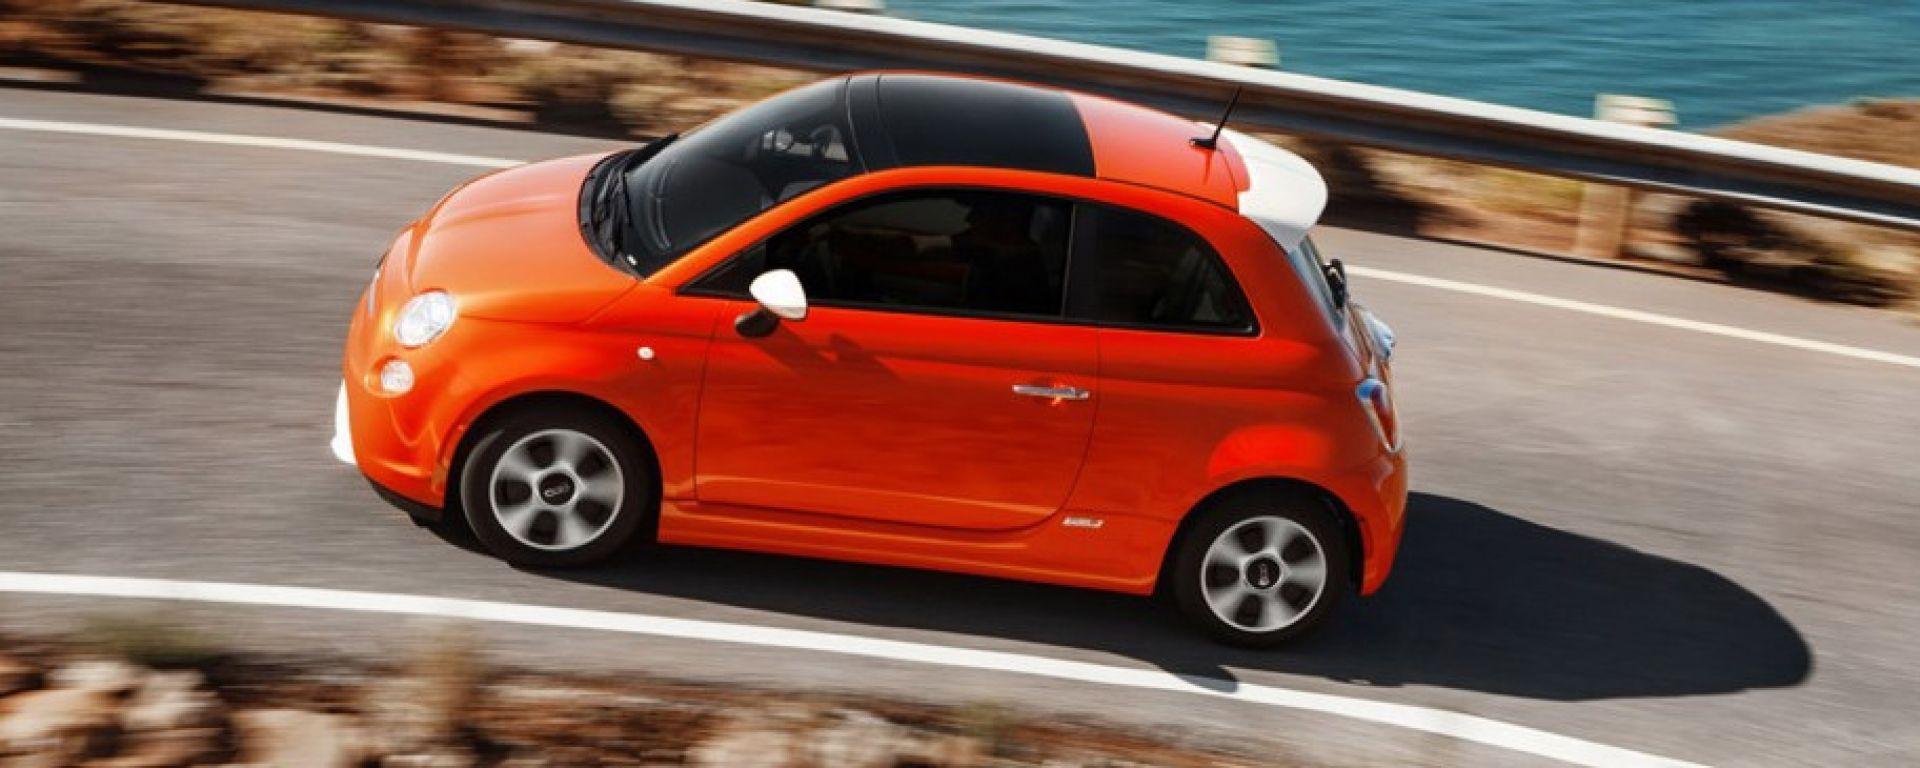 Fiat 500 Sport >> Fiat 500 elettrica: uscita in Italia, autonomia, prezzo - MotorBox